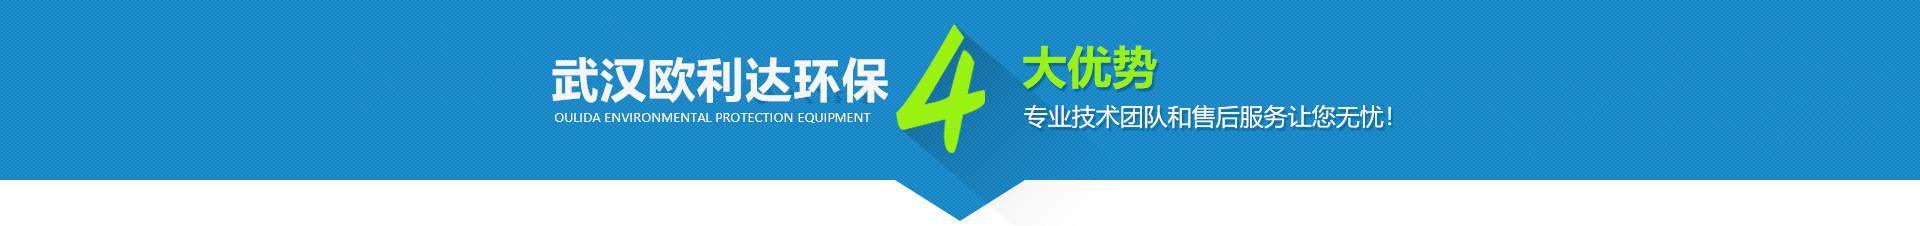 找武汉废气处理厂家,优选武汉欧利达环保设备有限公司,专业值得信赖。